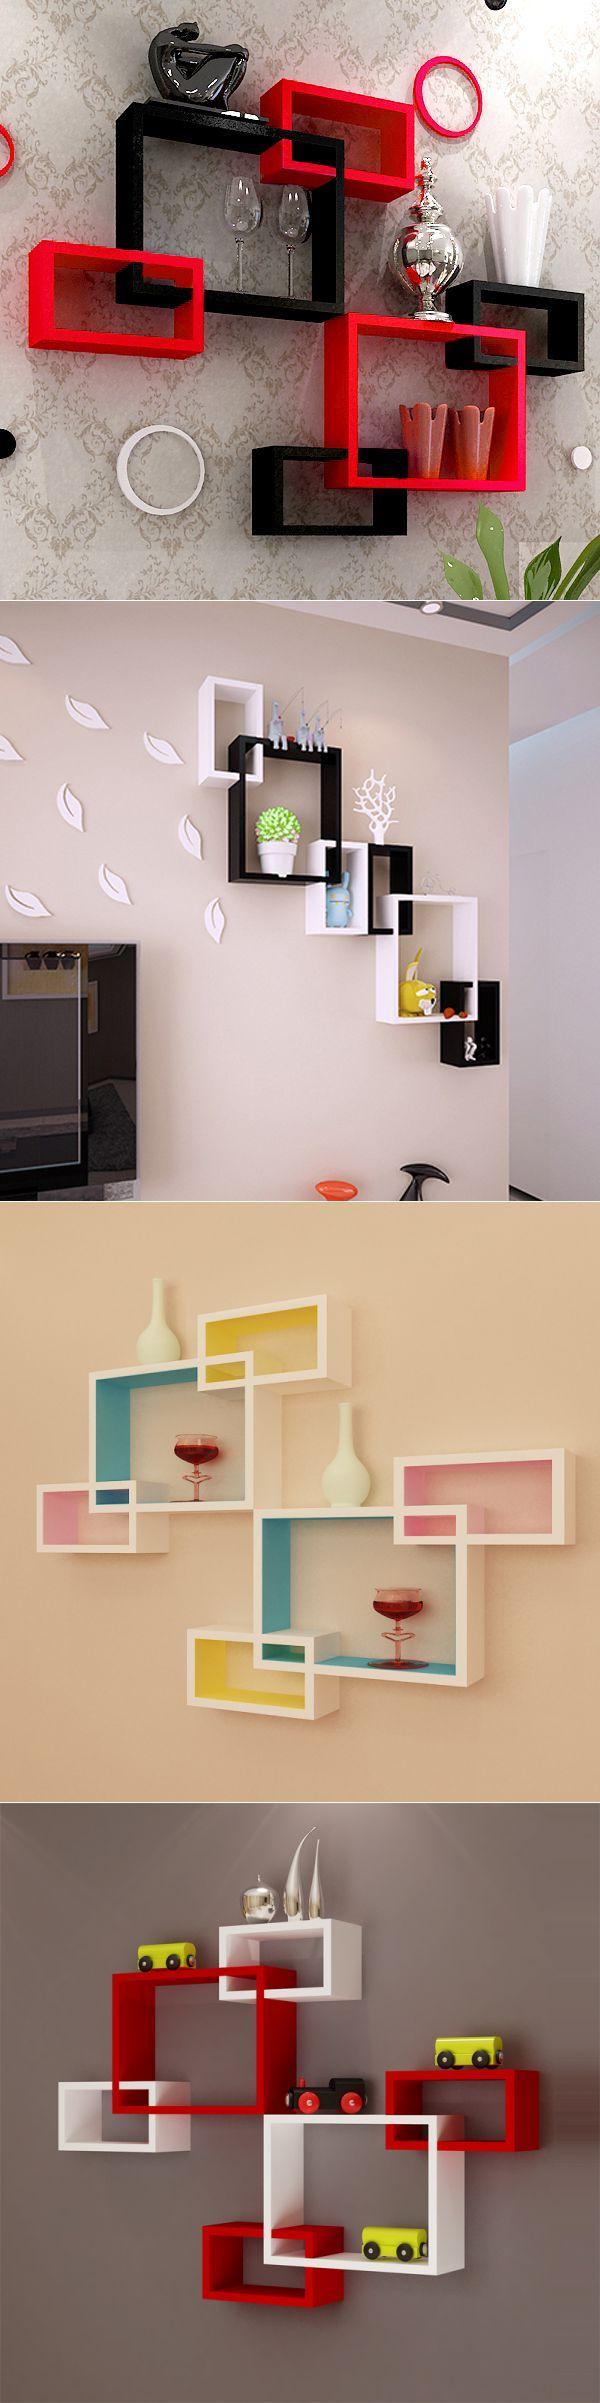 La balda decorativa, comprar en el Internet la tienda http://nazya.com/man1306479/product/dekorativnaya-polka_19431640491.html